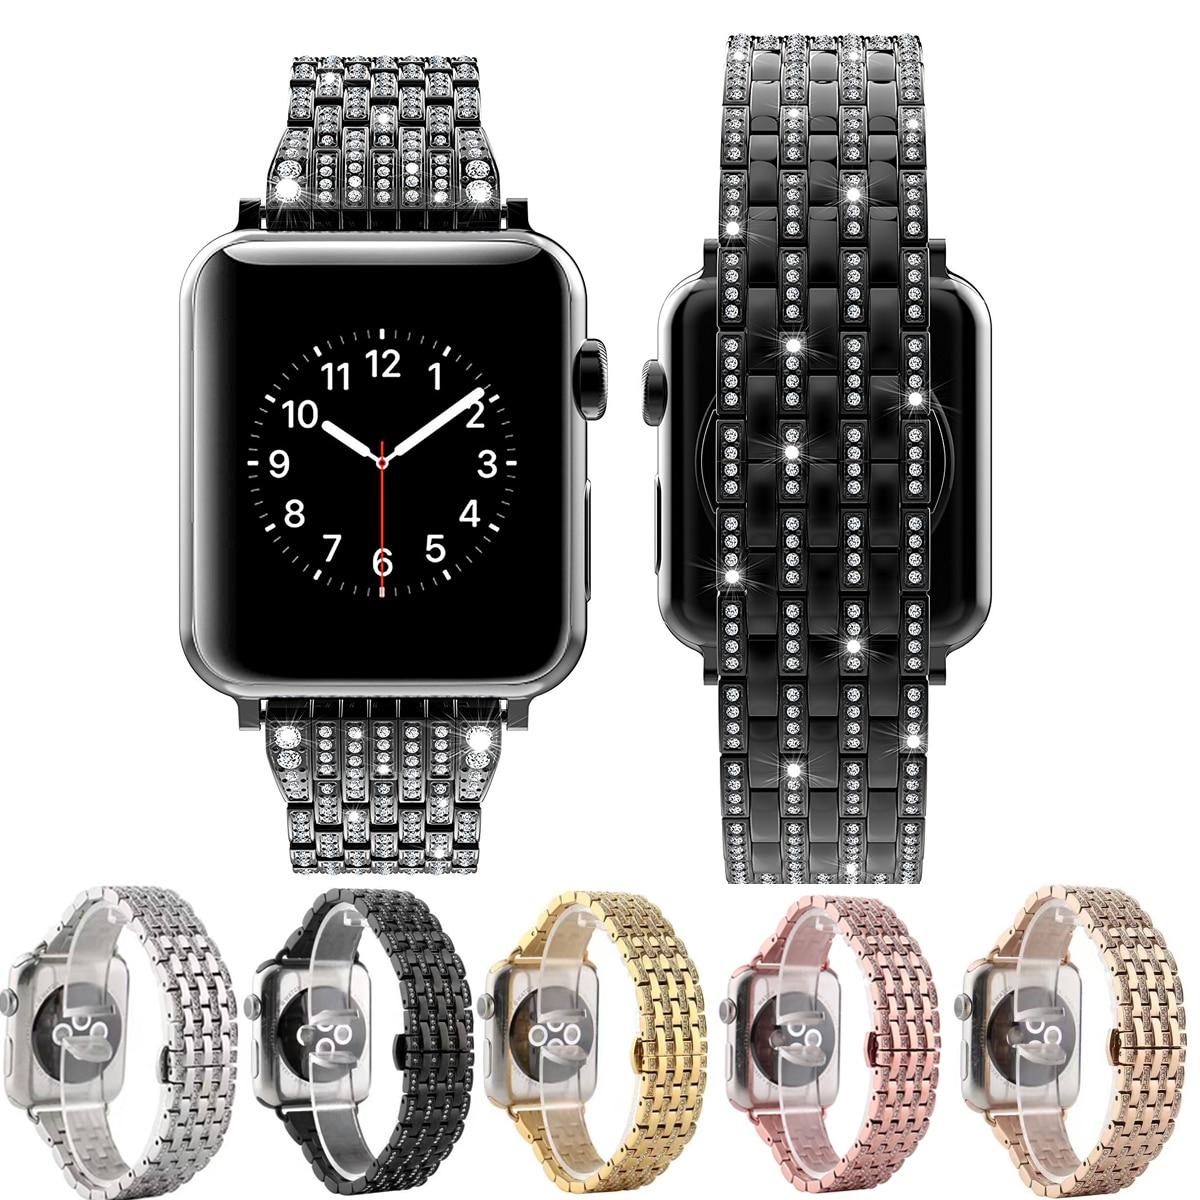 Di lusso Del Diamante Della Vigilanza di Banda per Apple Osservare 40mm 44mm 38mm 42mm Wristband Cinturino In Acciaio iWatch serie 4 3 2 1 Braccialetto